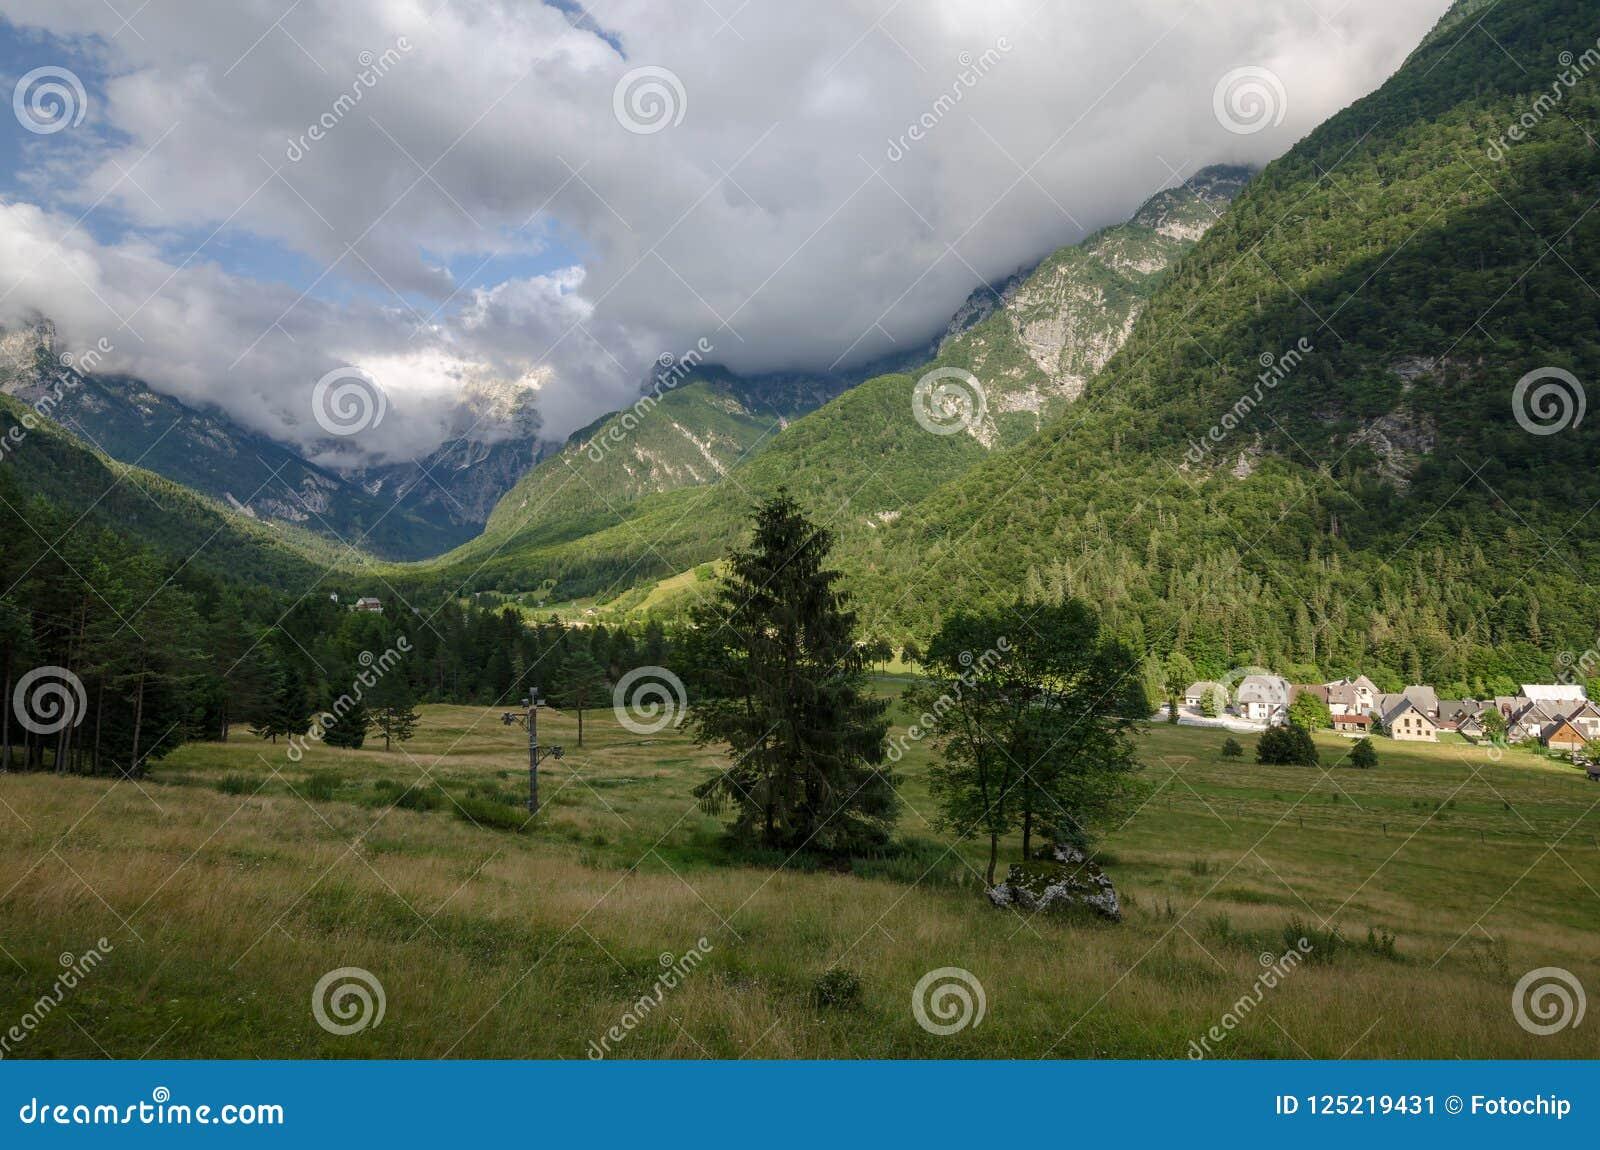 Άποψη για να καταγράψει το χωριό Mangartom λοβών κοντά σε Bovec, Σλοβενία, εθνικό πάρκο Triglav, Ευρώπη